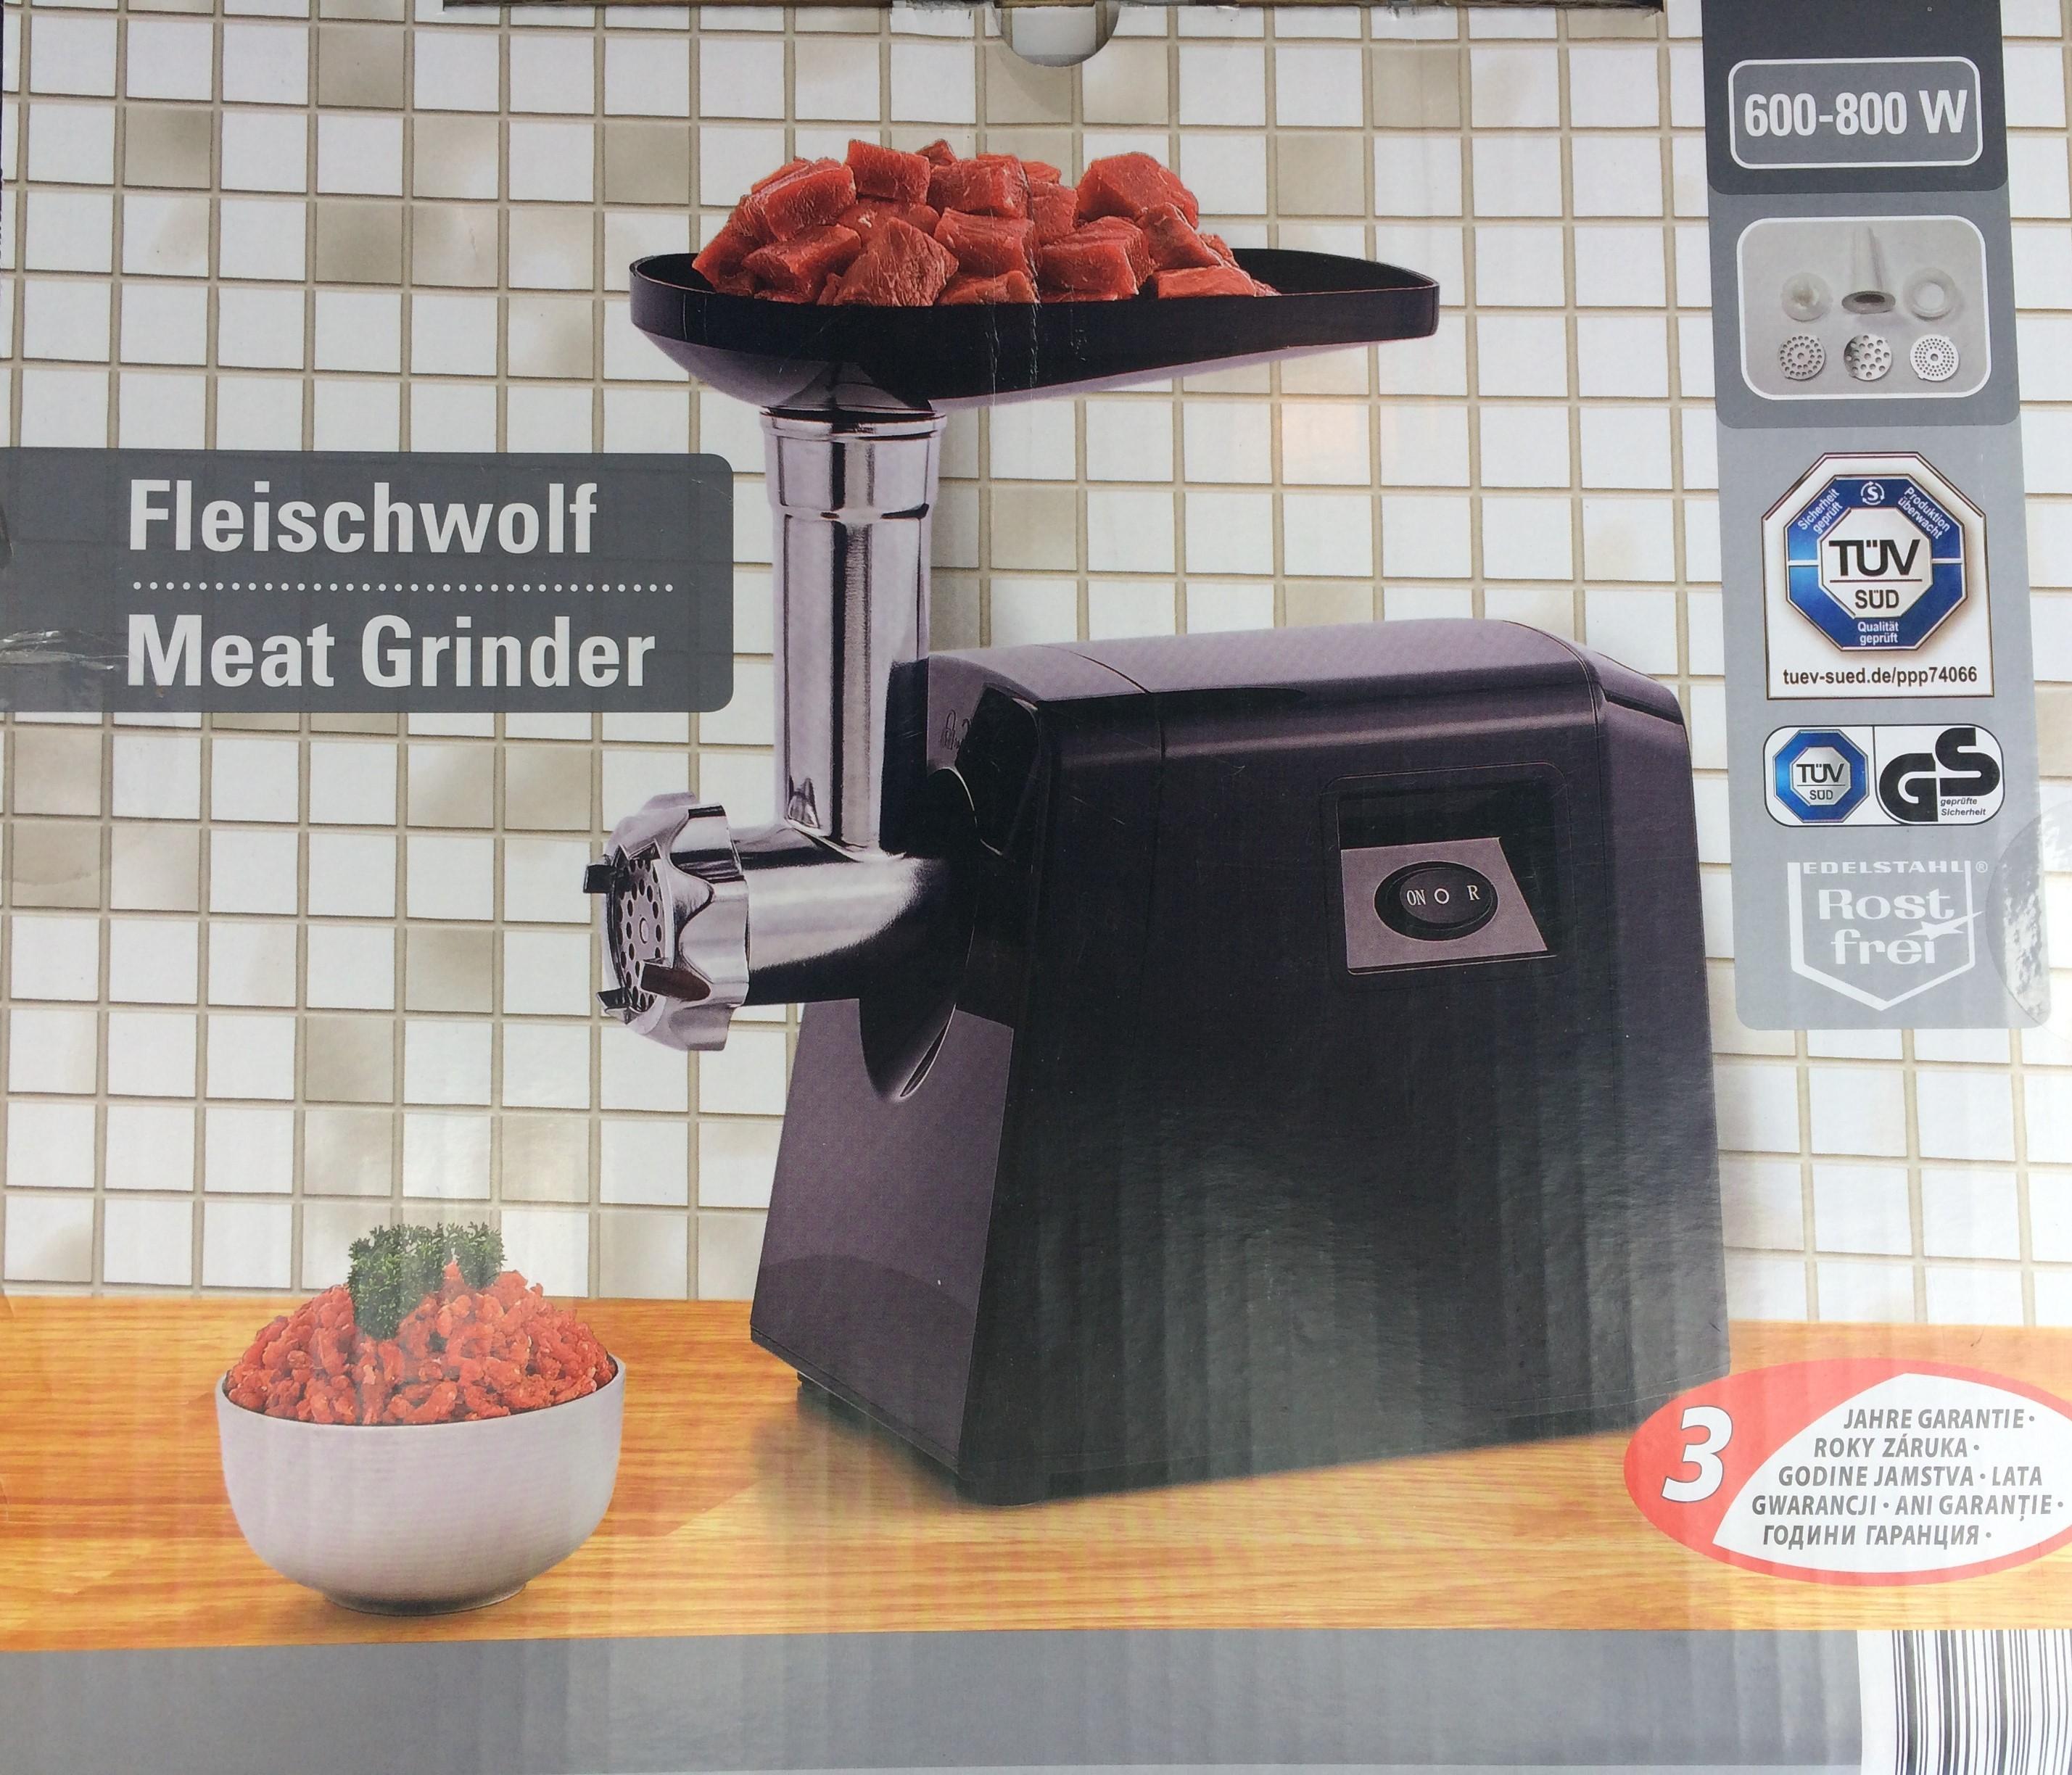 Maszynka do mielenie mięsa MG-A0201. Kaufland